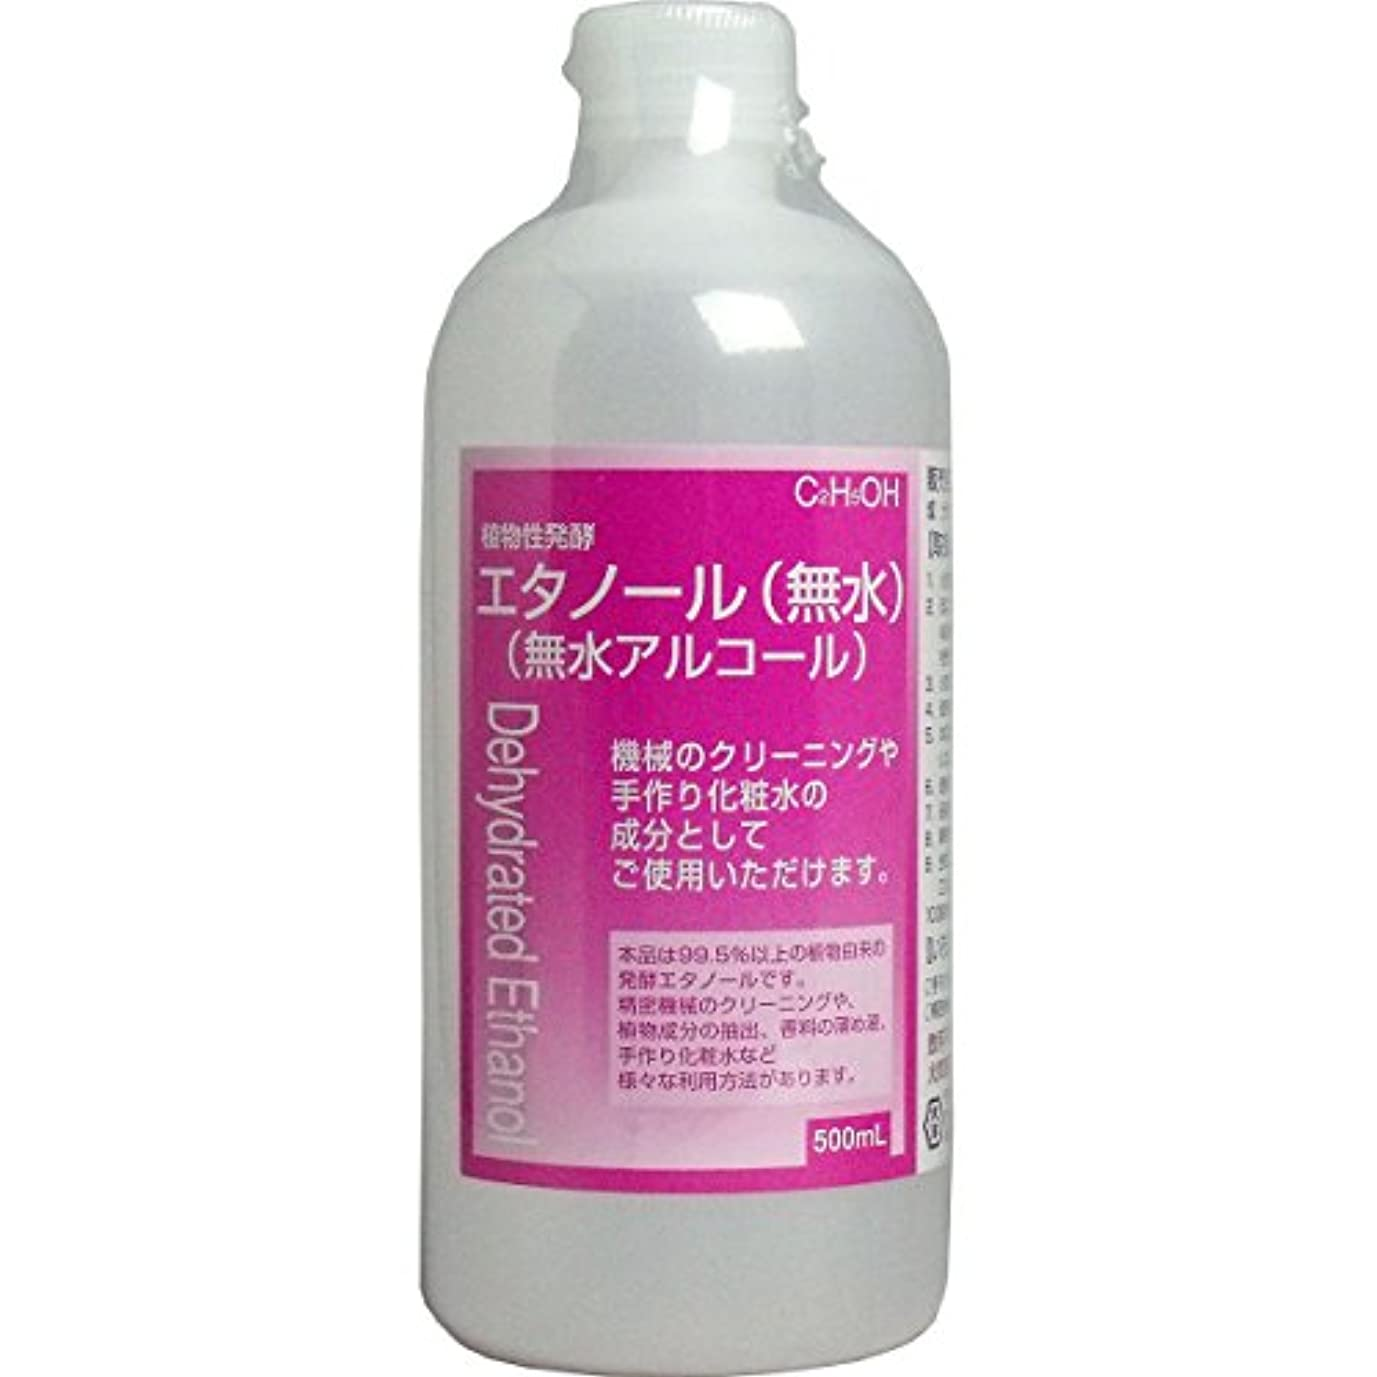 真実に私の避難する手作り化粧水に 植物性発酵エタノール(無水エタノール) 500mL